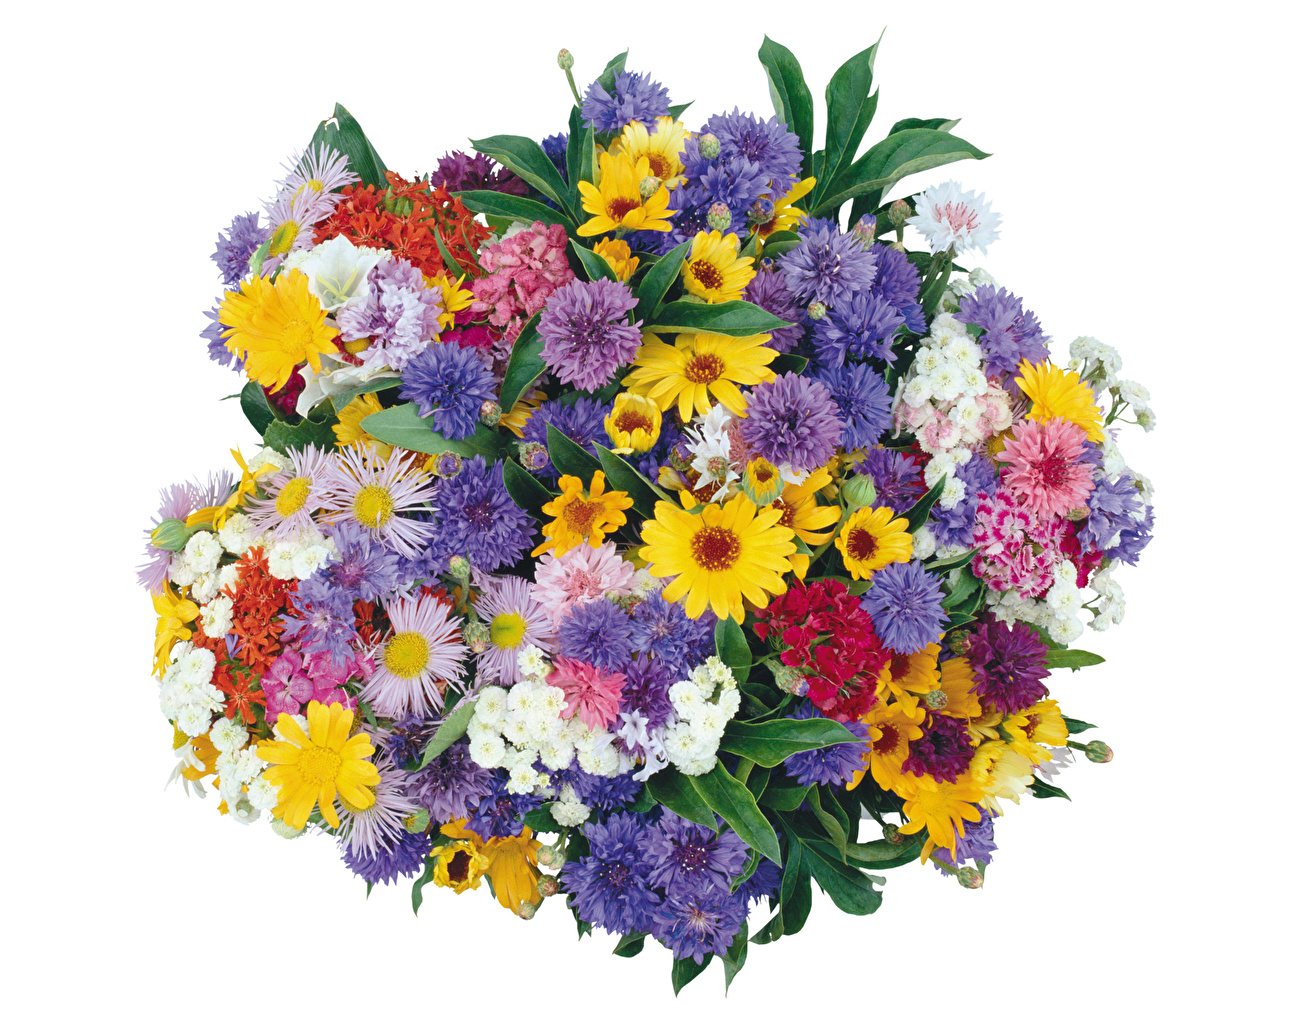 Bouquets Bleuet Bellis Fond blanc Centaurea Fleurs